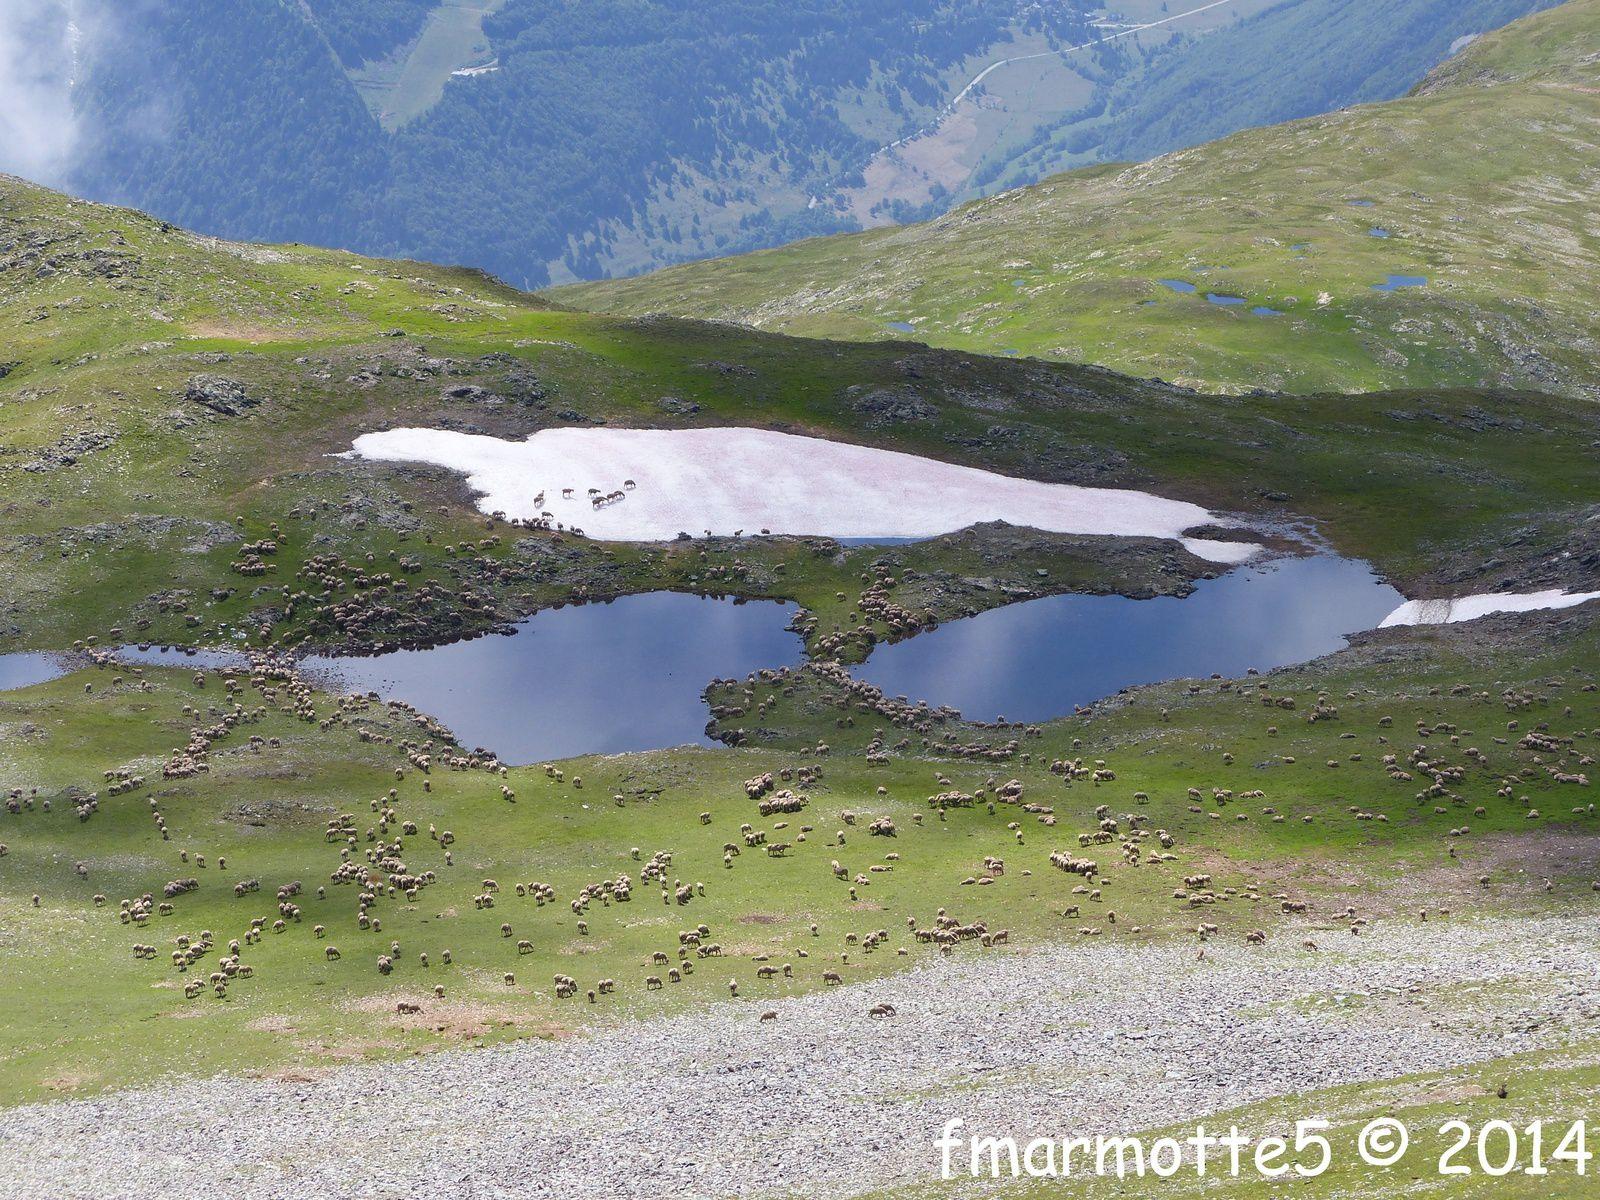 Le Grand Galbert 2561 m. Sommet et retour par la toundra. Partie II.